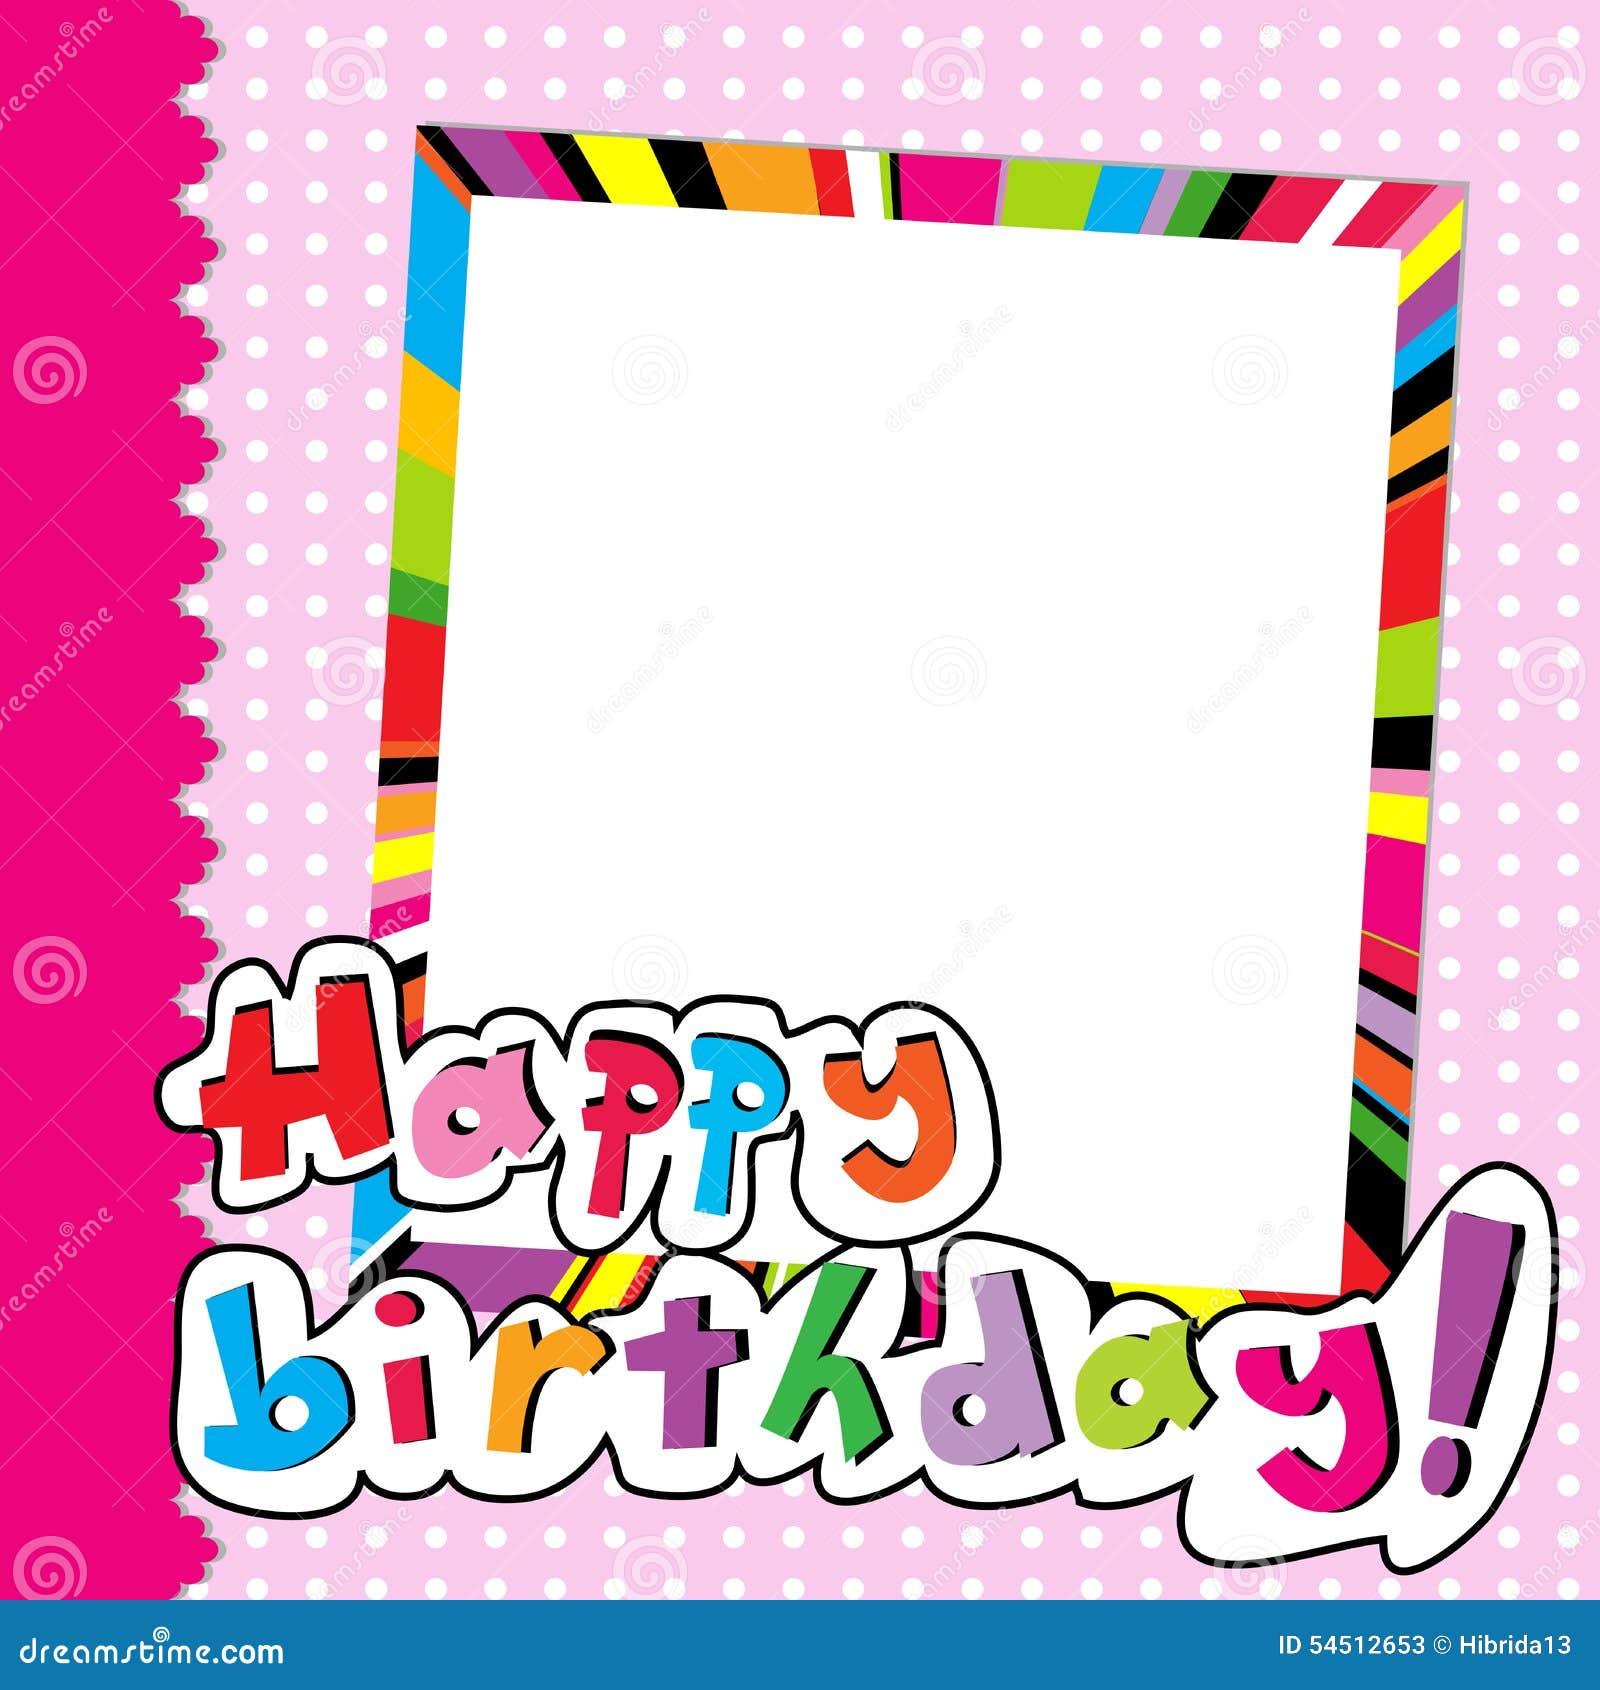 Happy Birthday Scrapbook For Baby Girl Stock Vector - Image: 54512653